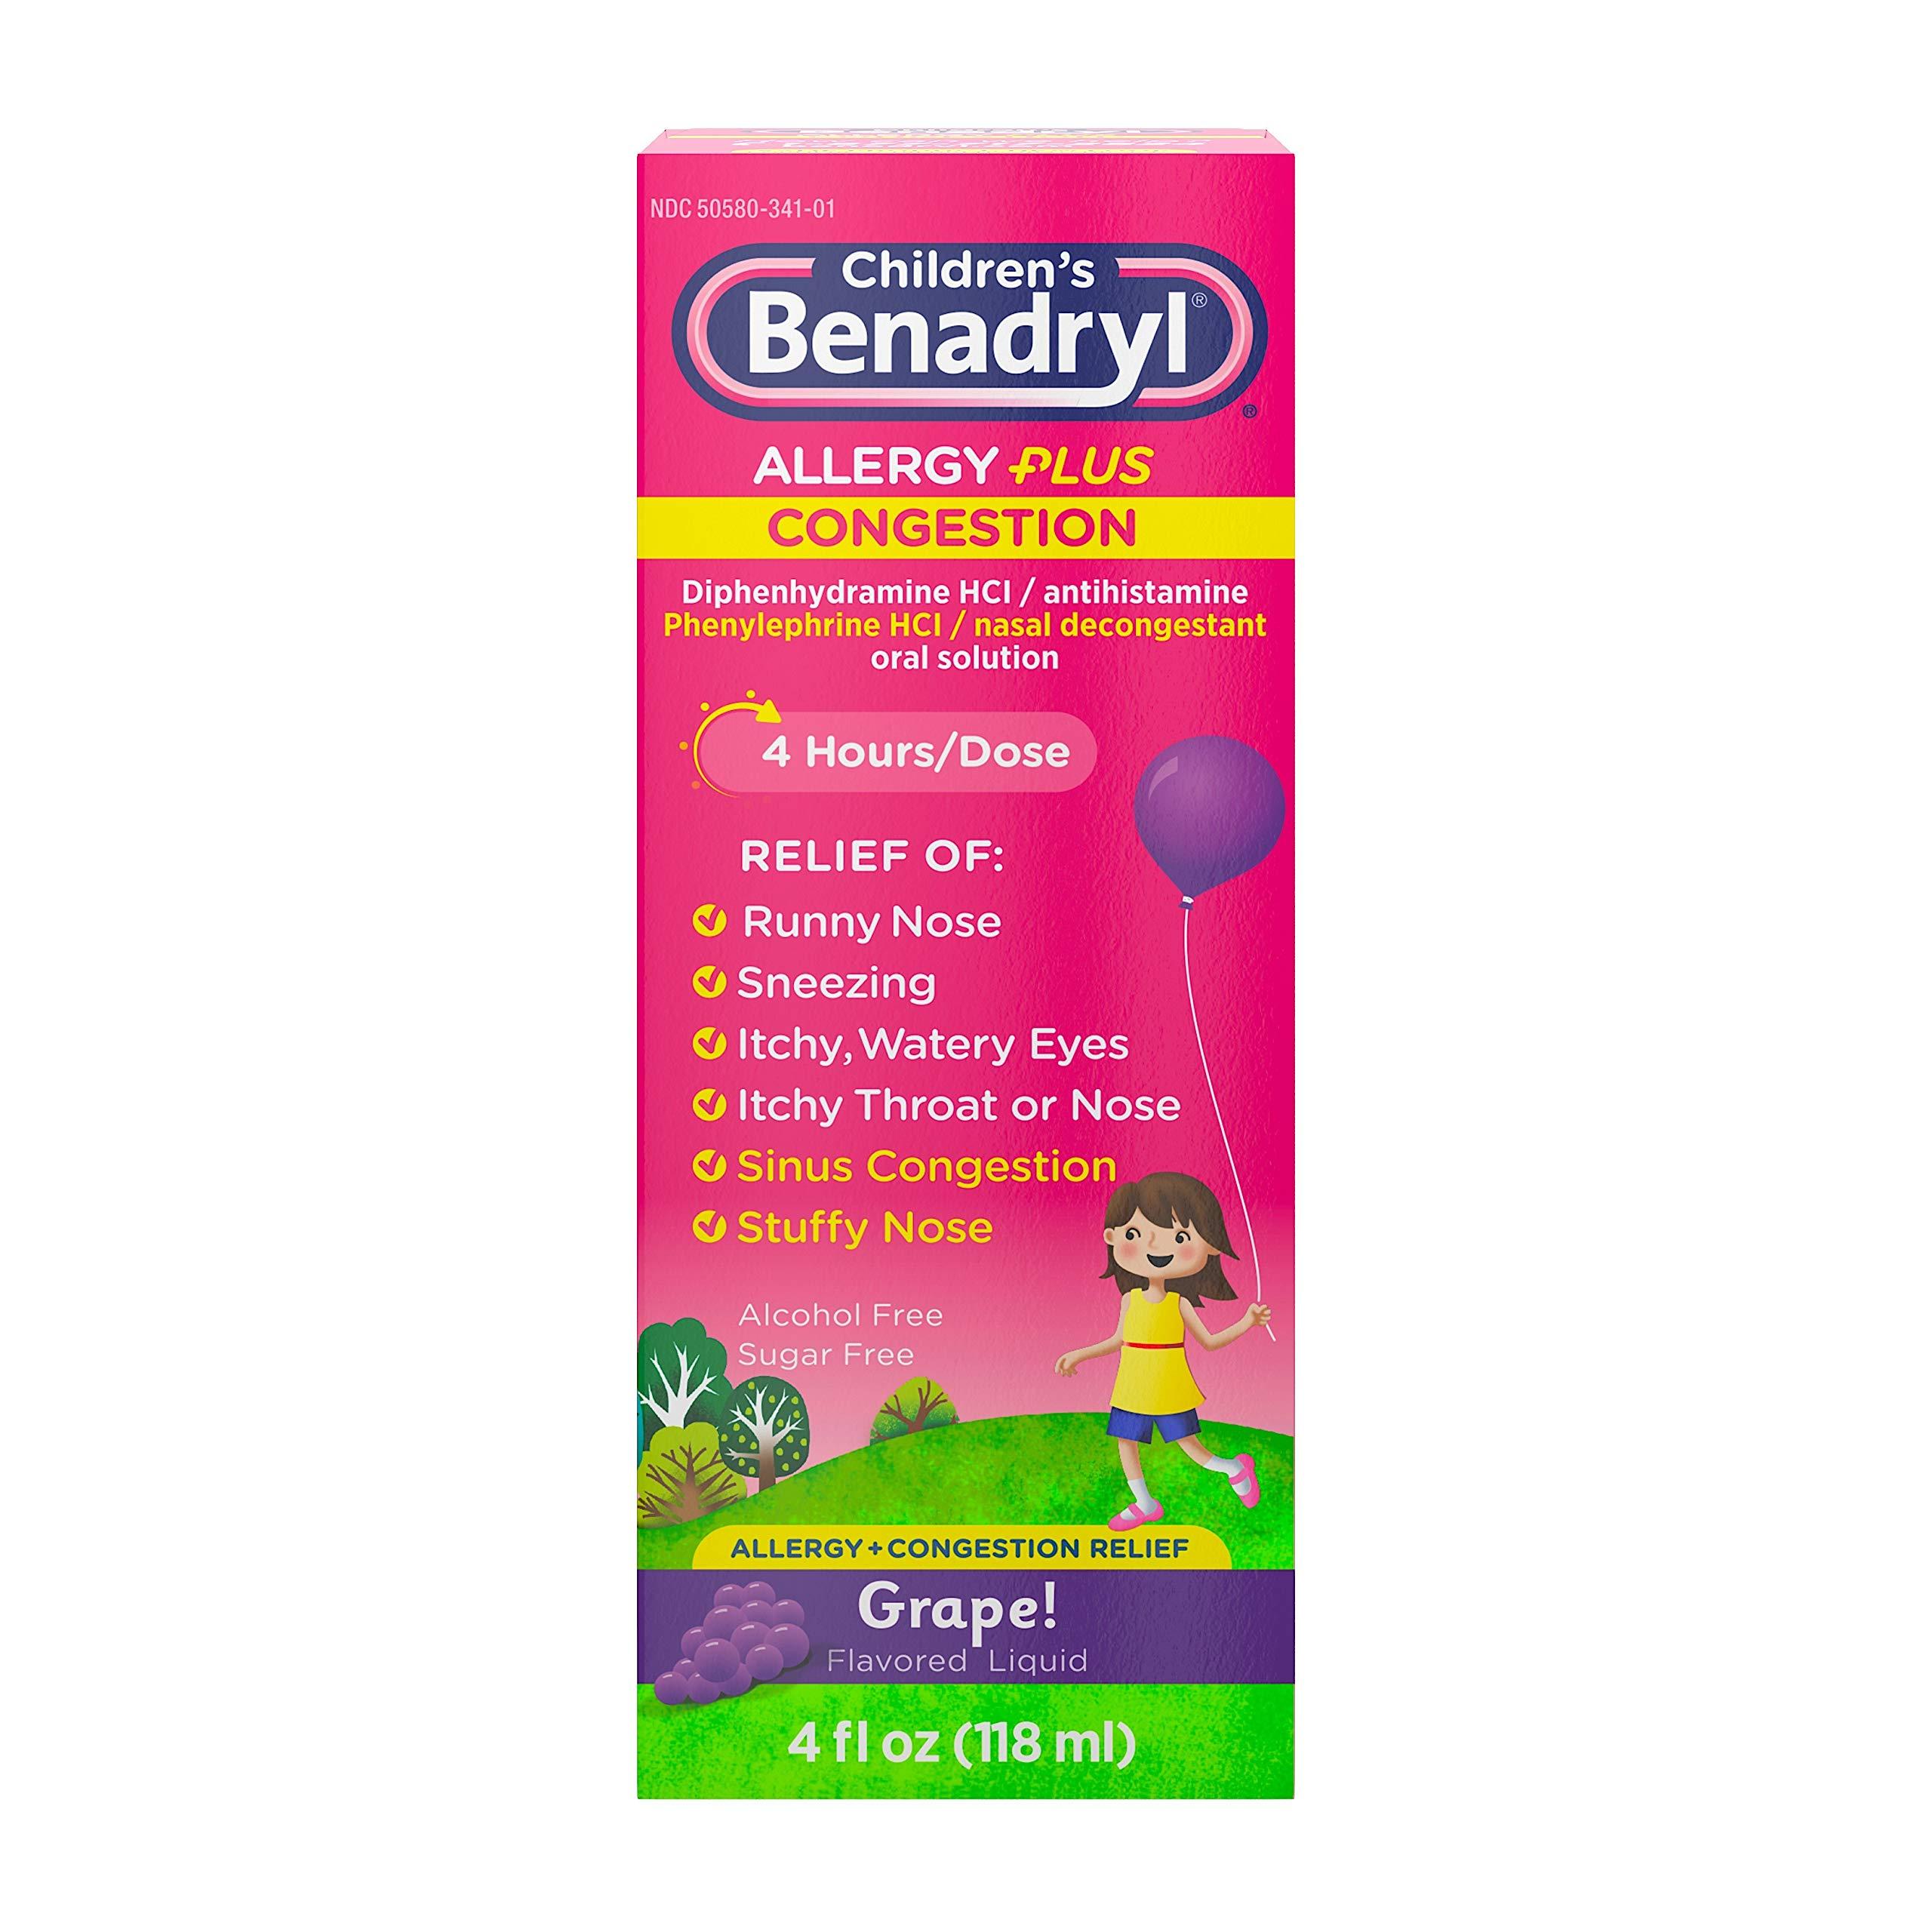 Children's Benadryl Allergy Plus Congestion Liquid Medicine, Grape, 4 fl. oz